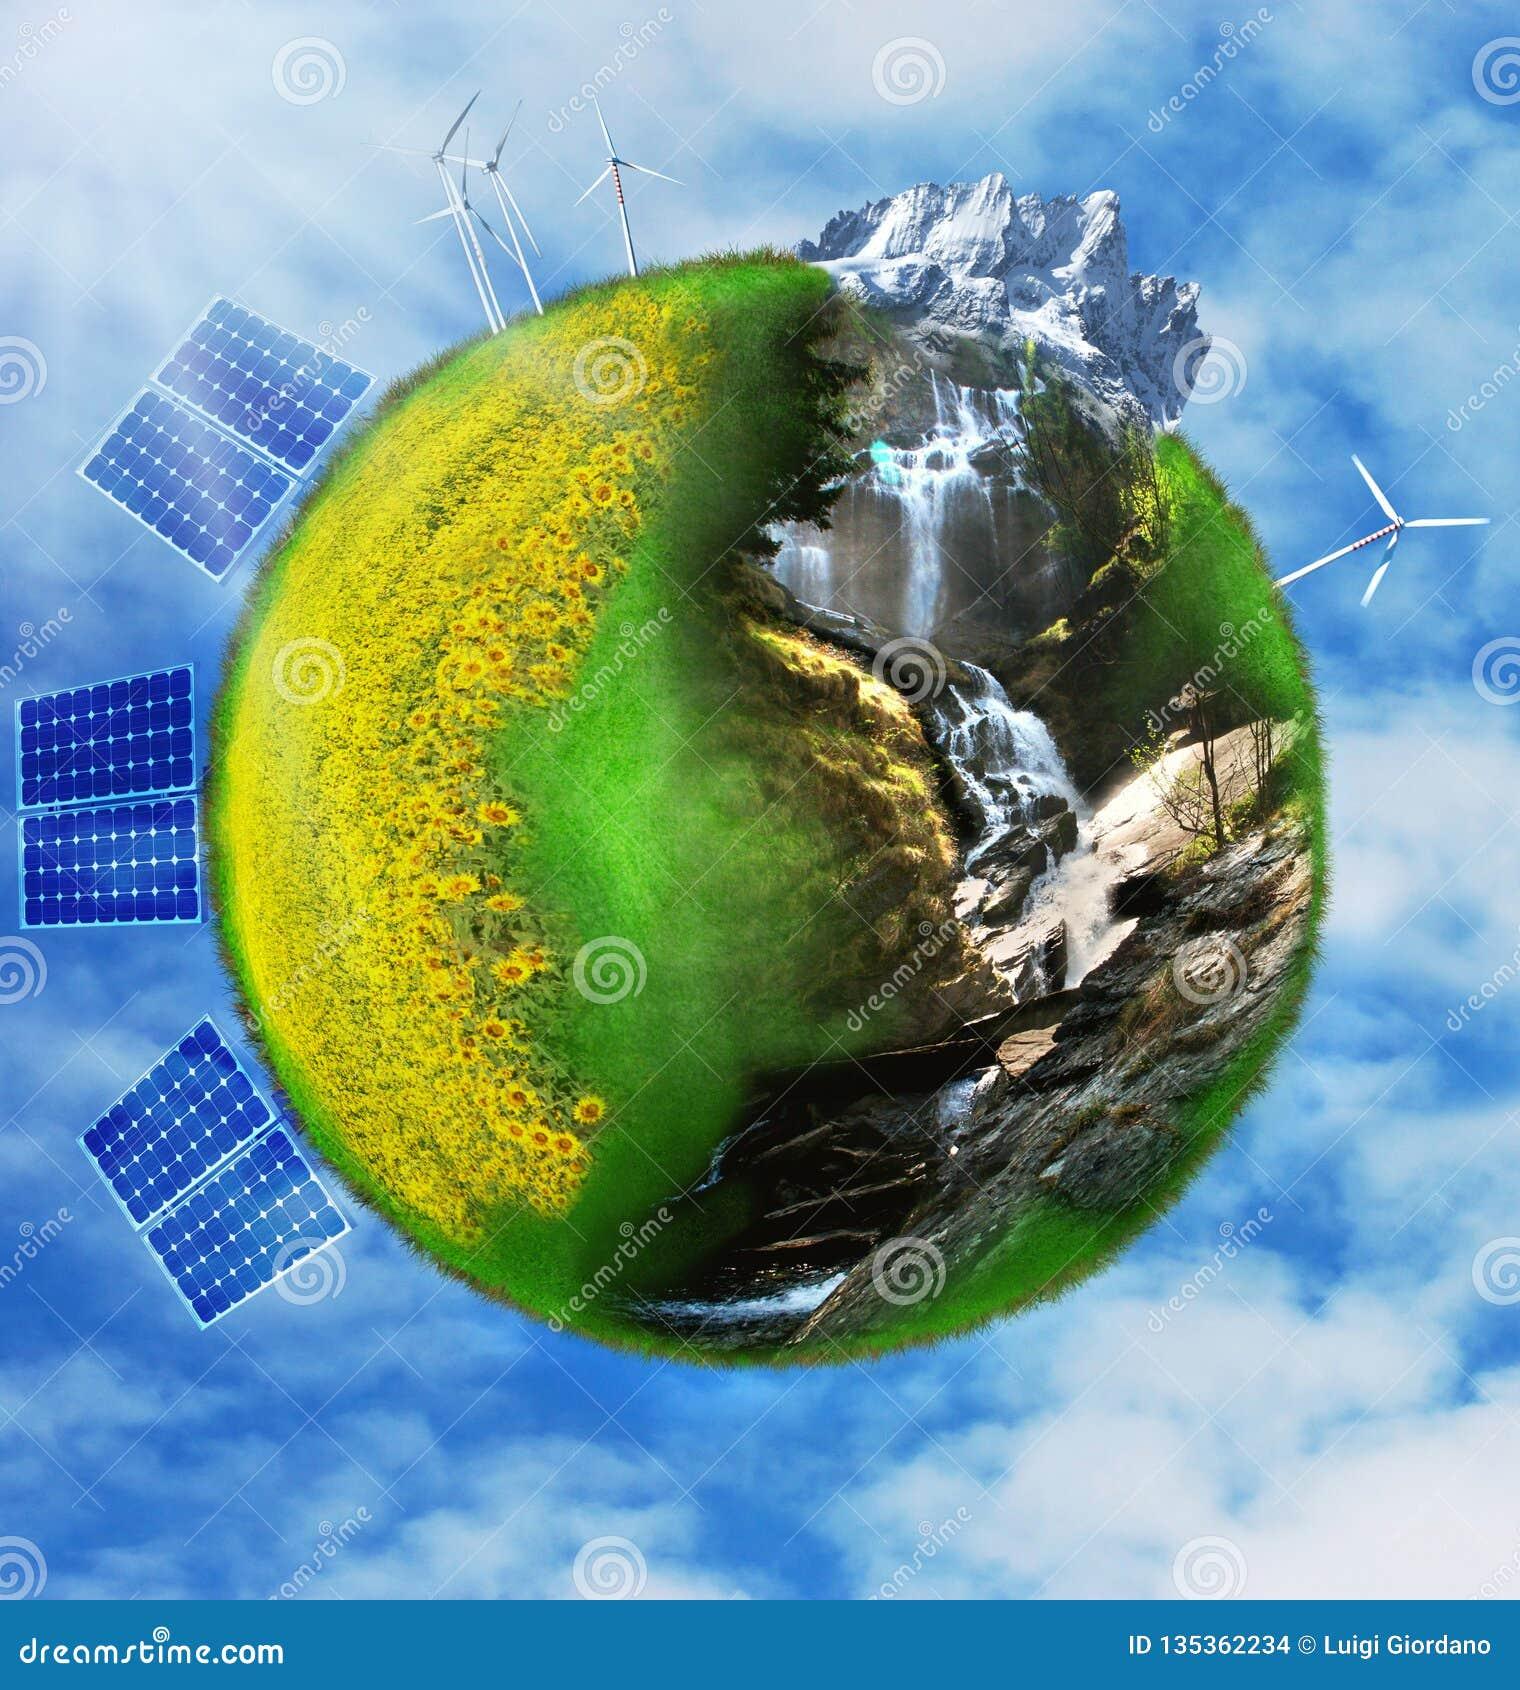 Environnement écologique et développement durable